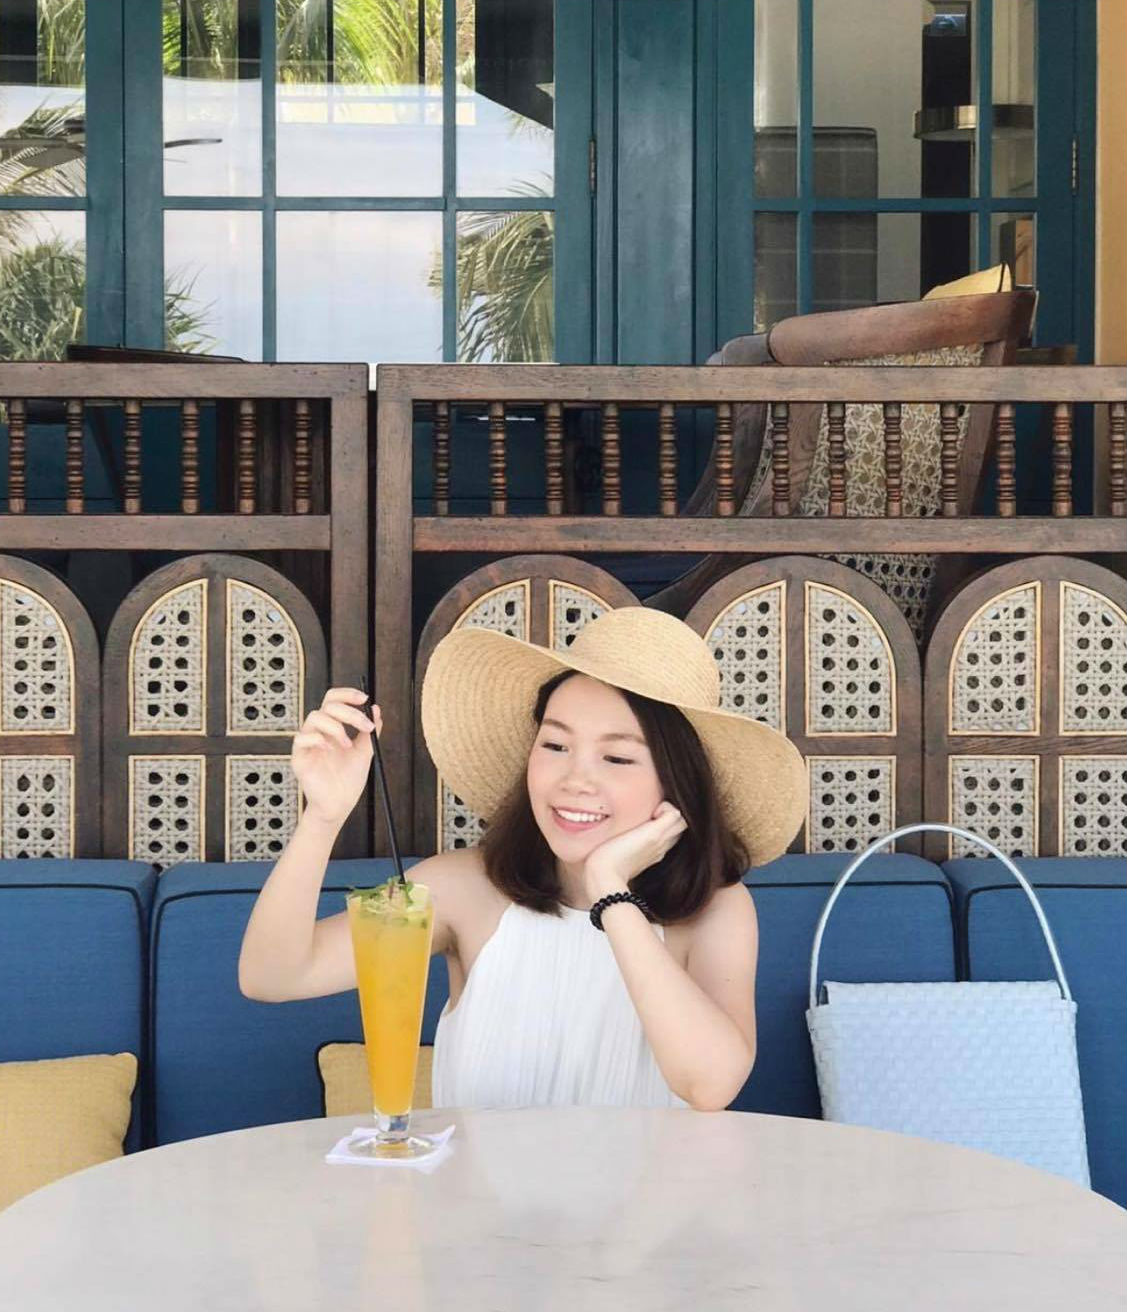 Xem xong MV Có em chờ, lại thêm lý do để tin rằng JW Marriott Phú Quốc chính là resort đáng đi nhất hè này! - Ảnh 39.